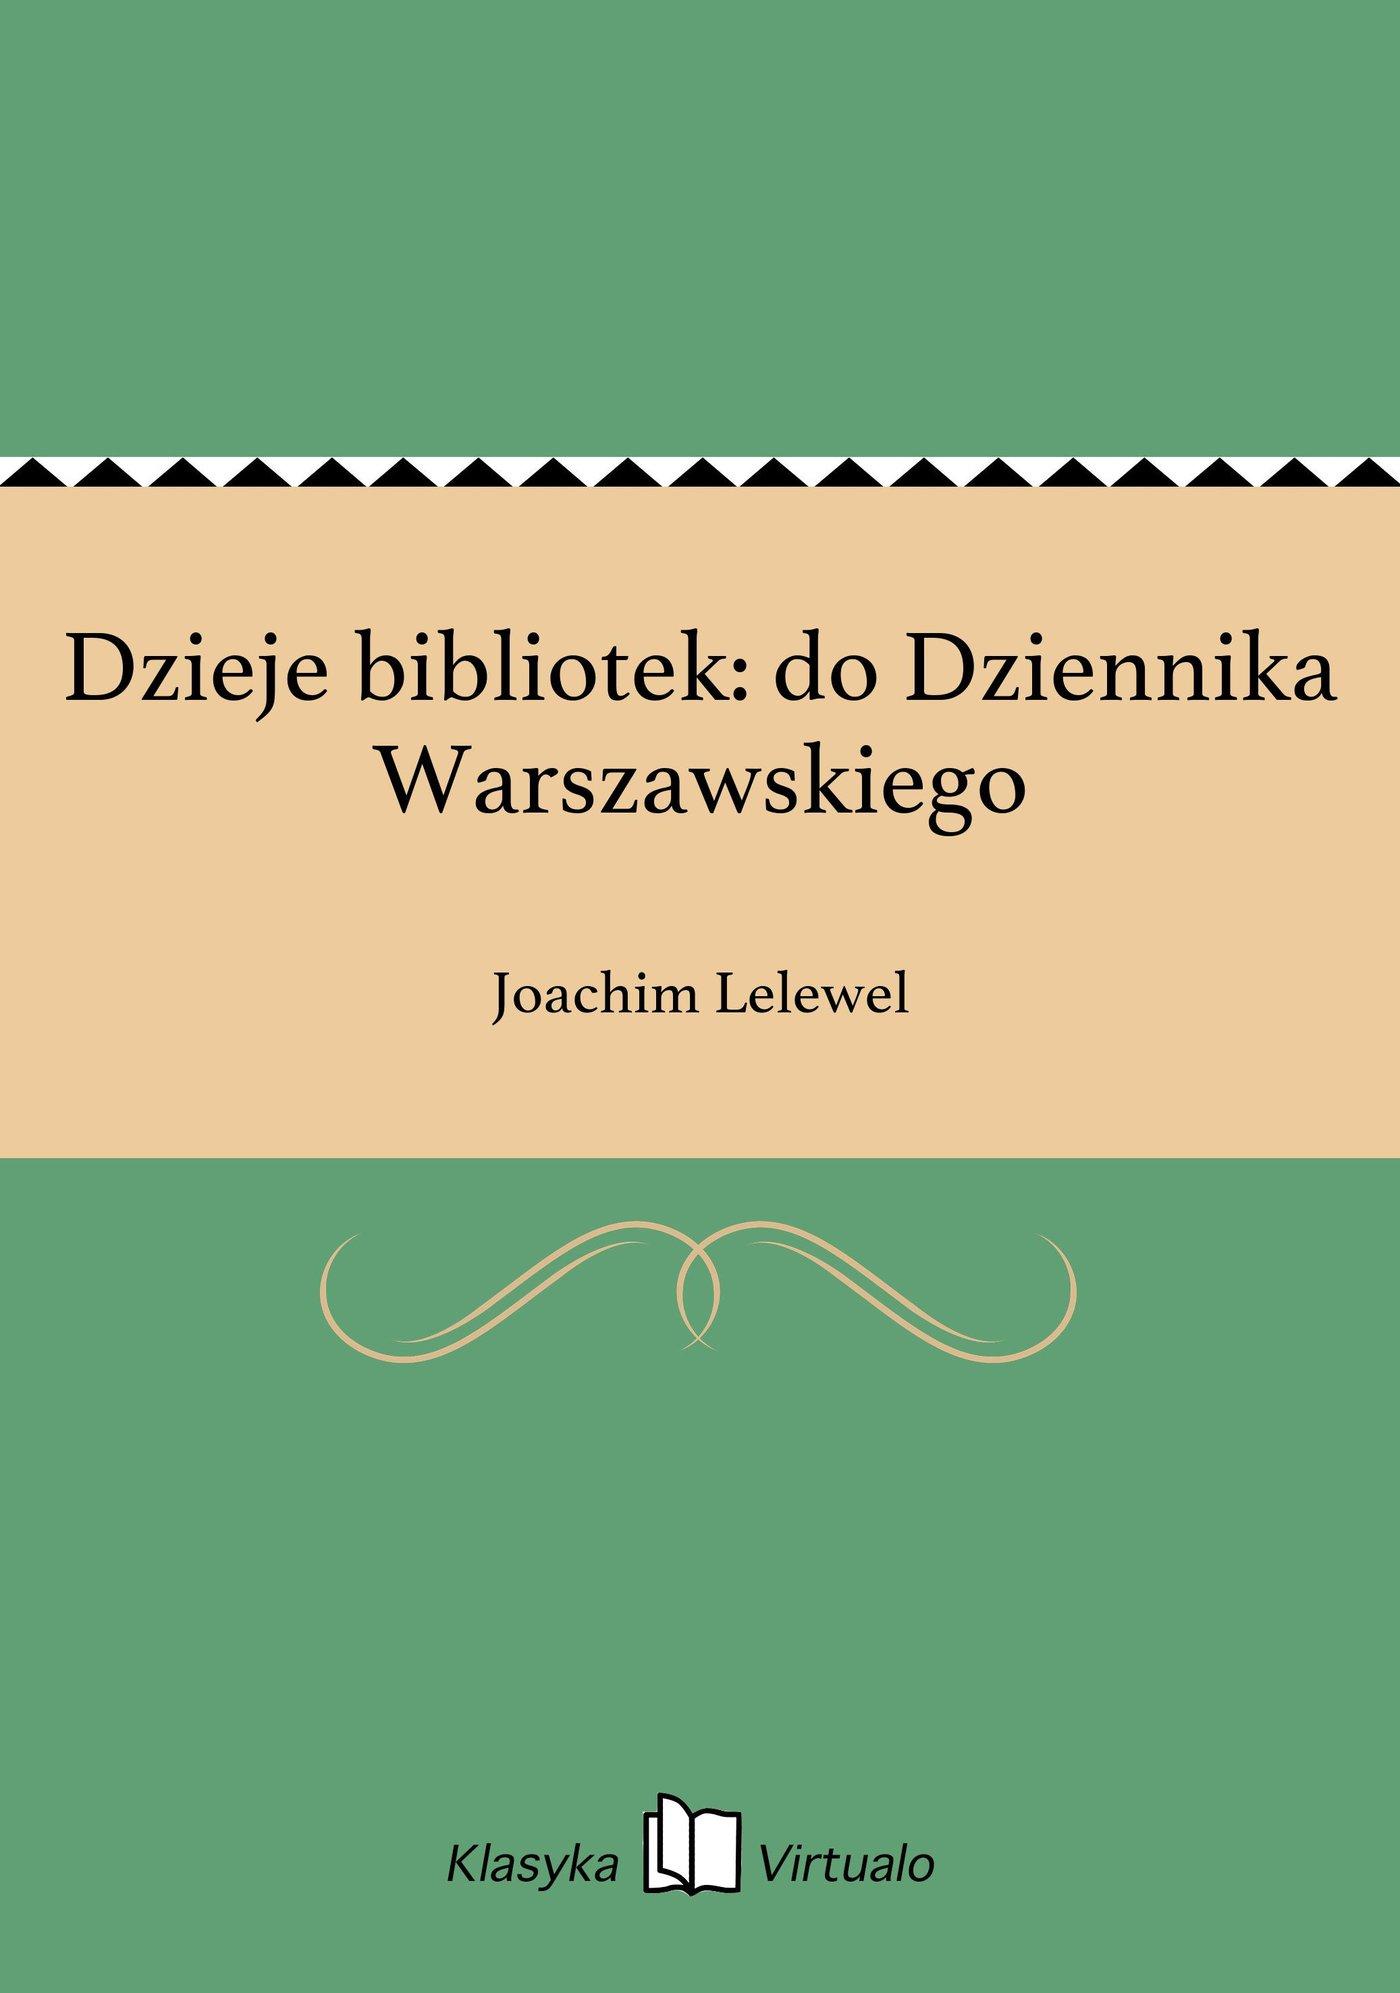 Dzieje bibliotek: do Dziennika Warszawskiego - Ebook (Książka EPUB) do pobrania w formacie EPUB